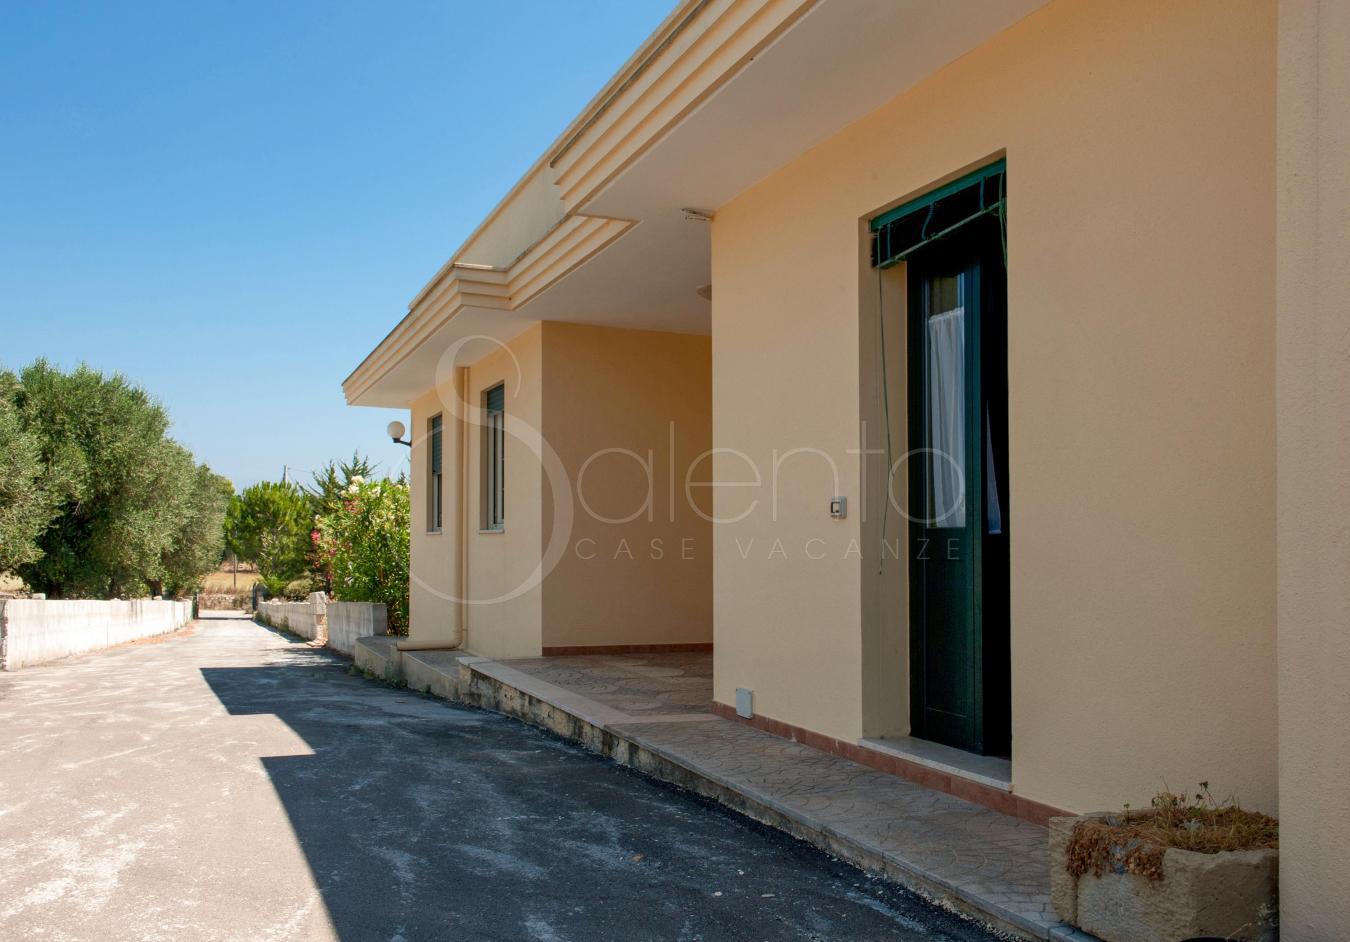 petites villas - Otranto - Casa Frulli